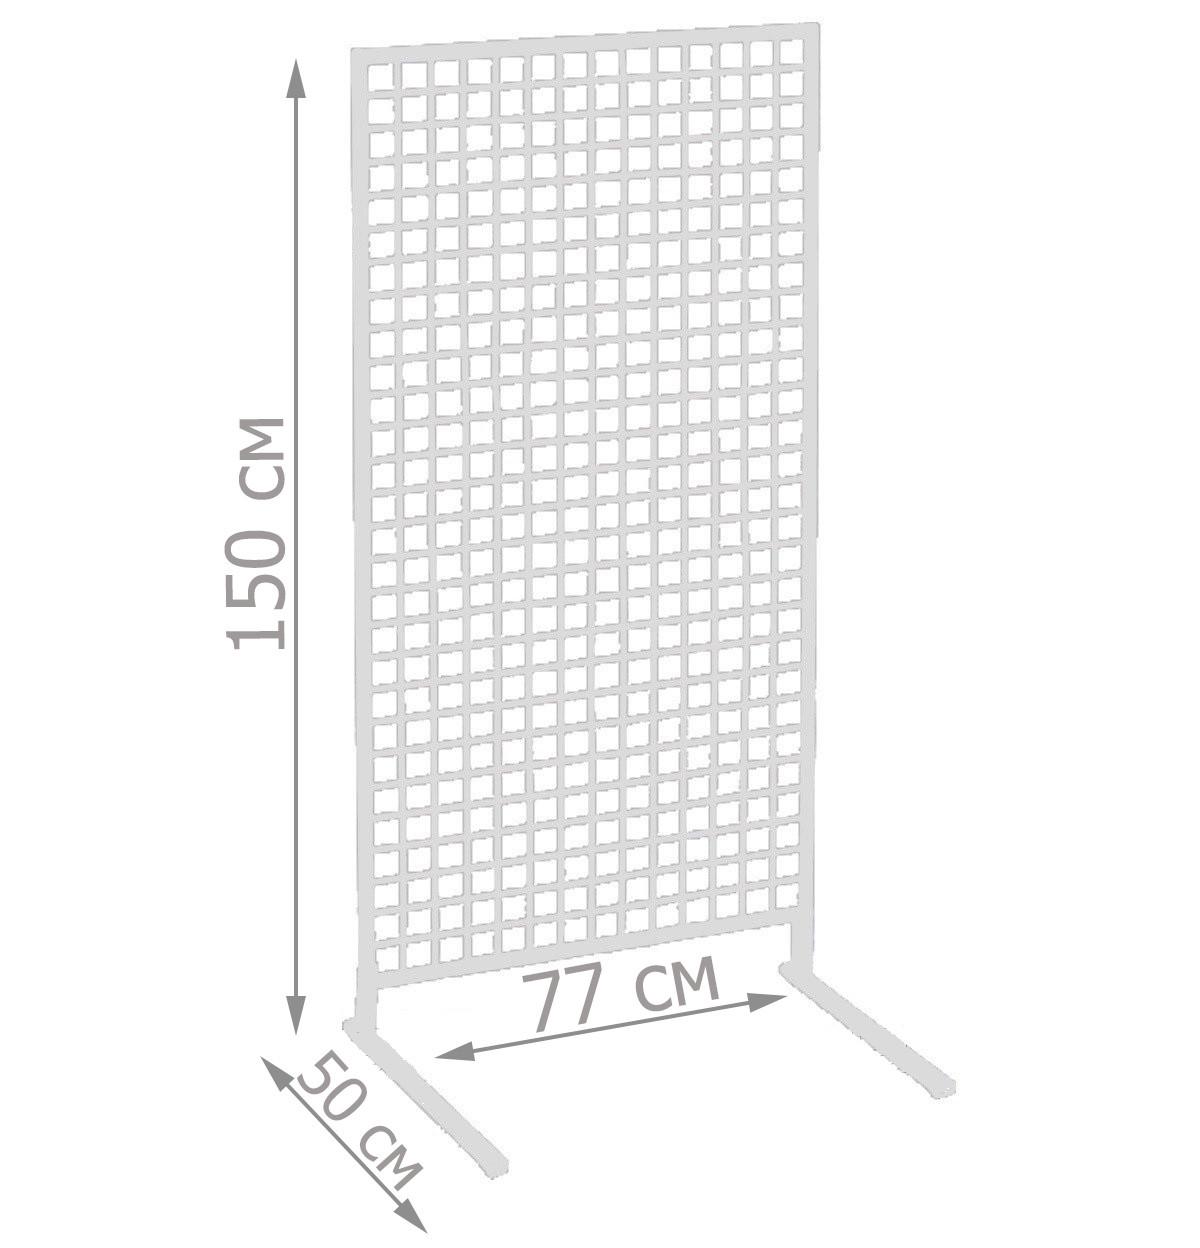 Торгова сітка стійка на ніжках 150/77см профиль15х15 мм (від виробника оптом та в роздріб)